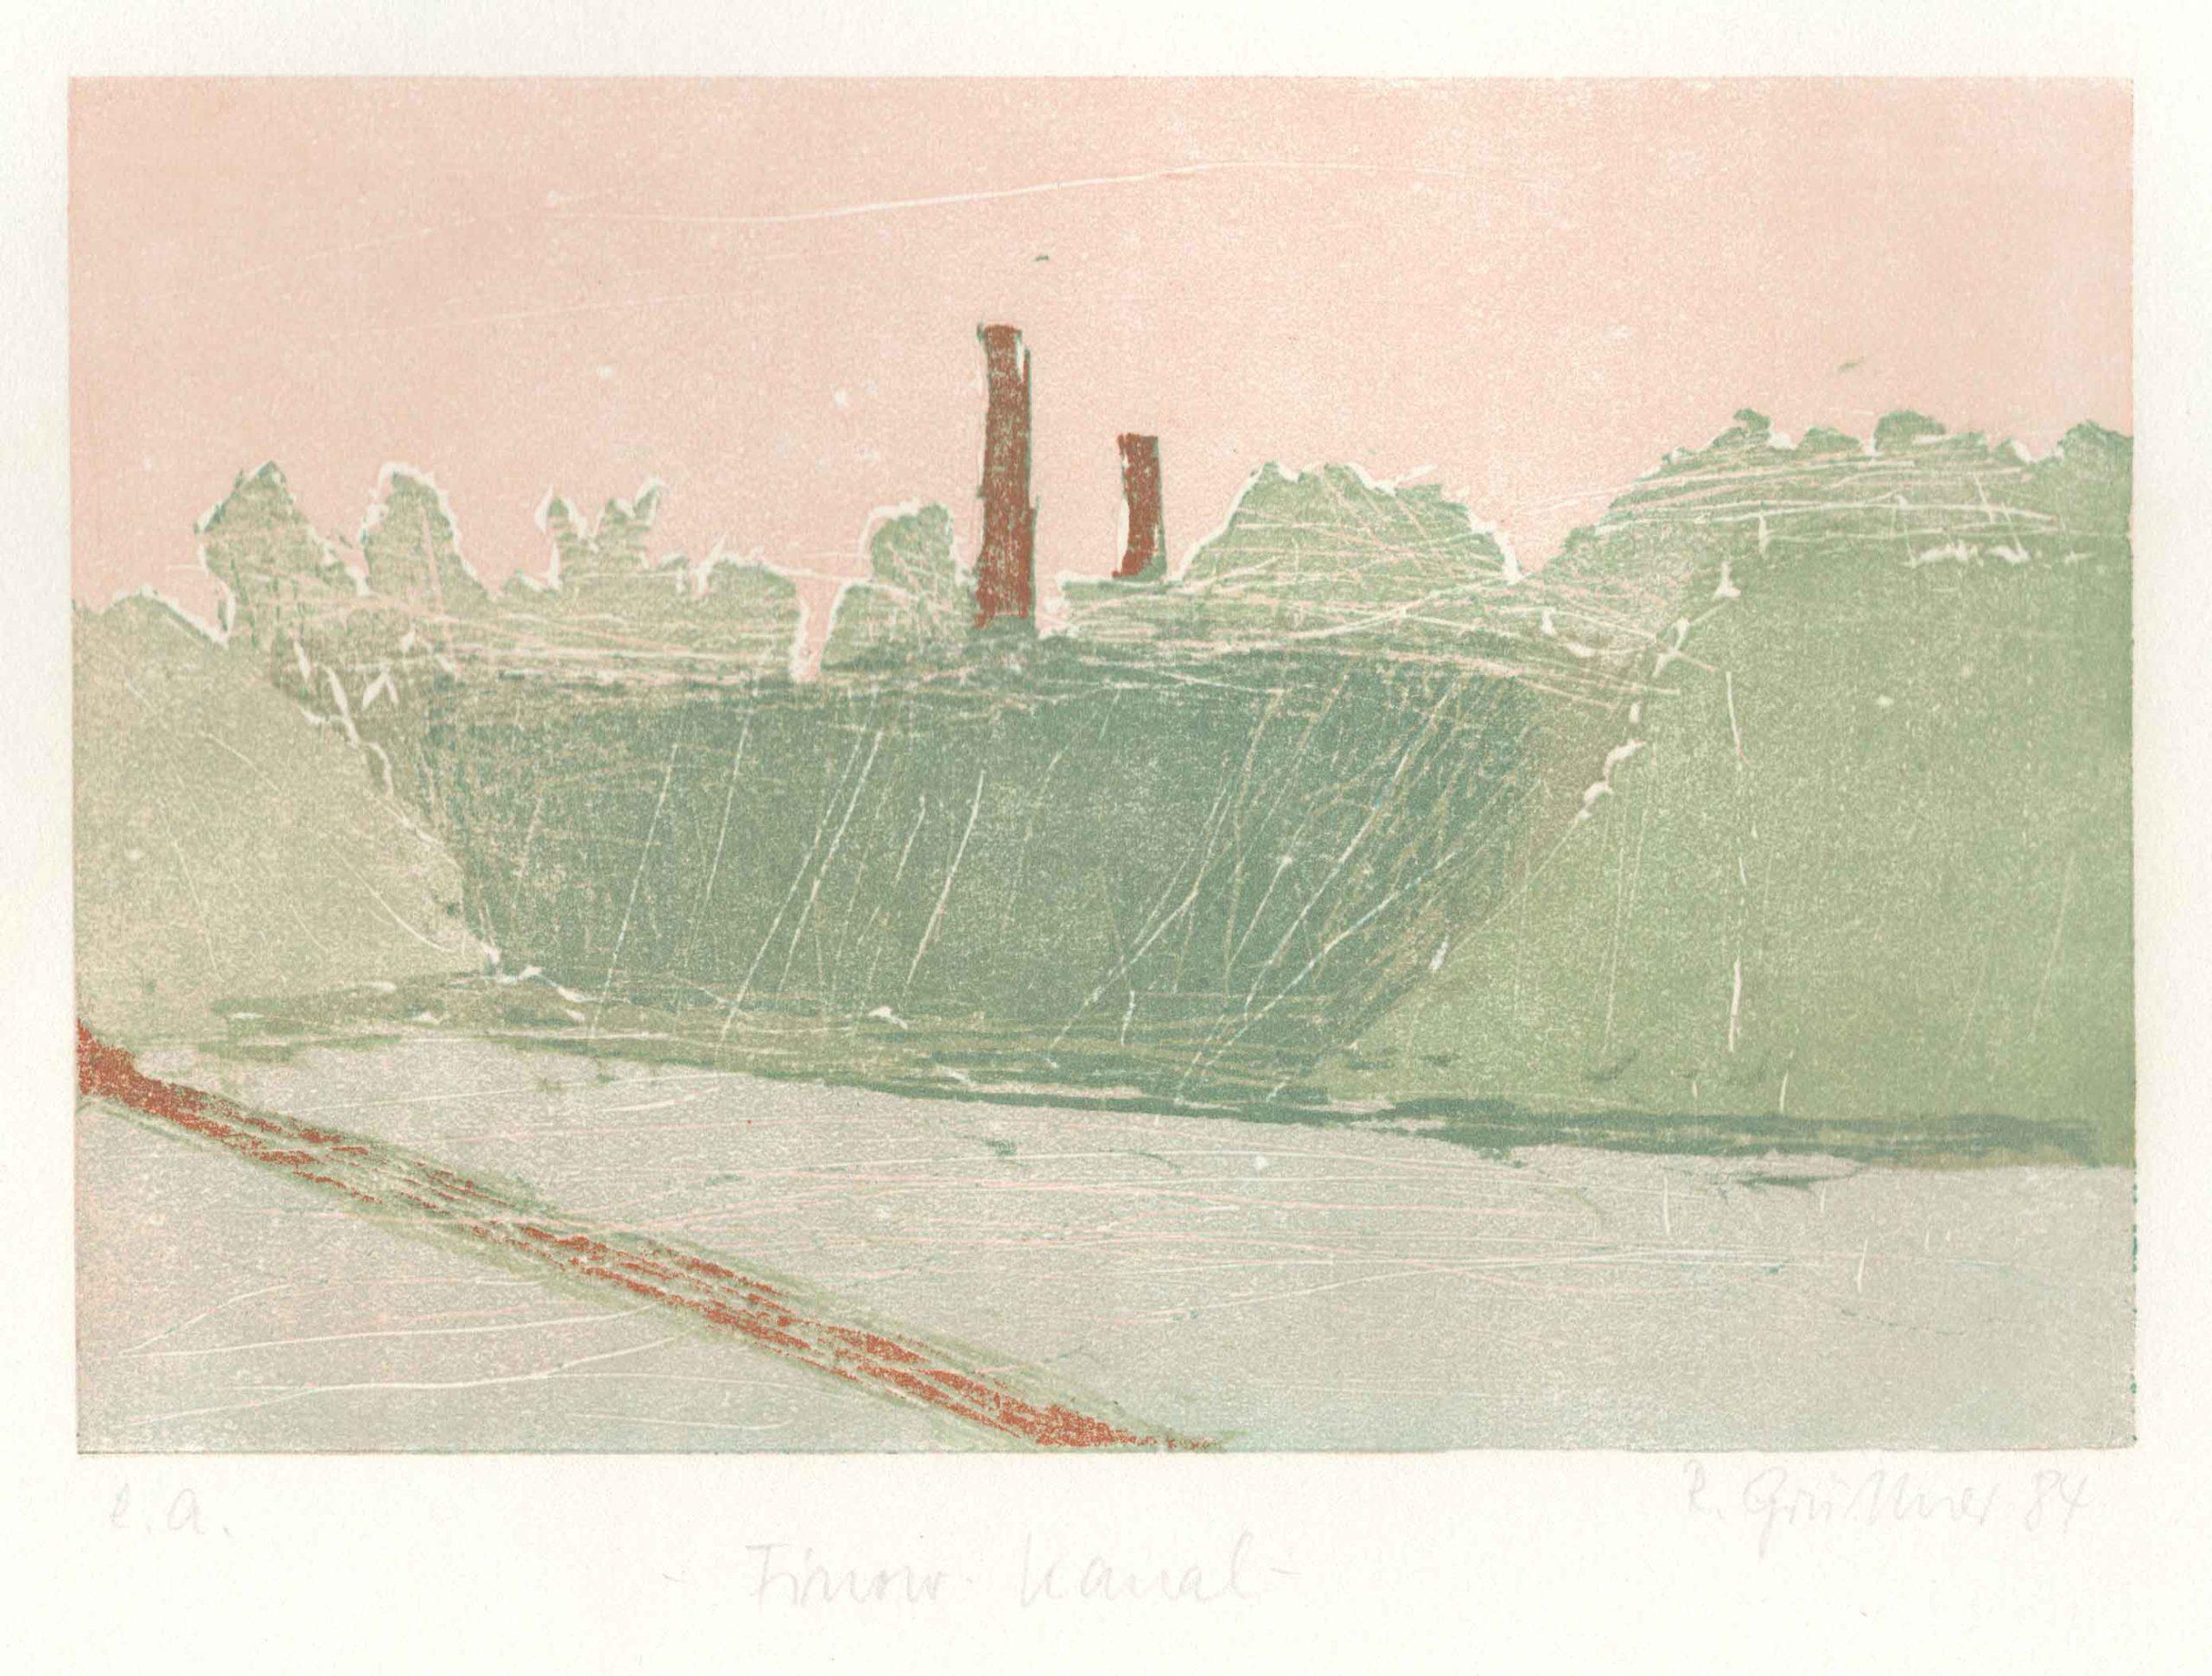 Finow Kanal